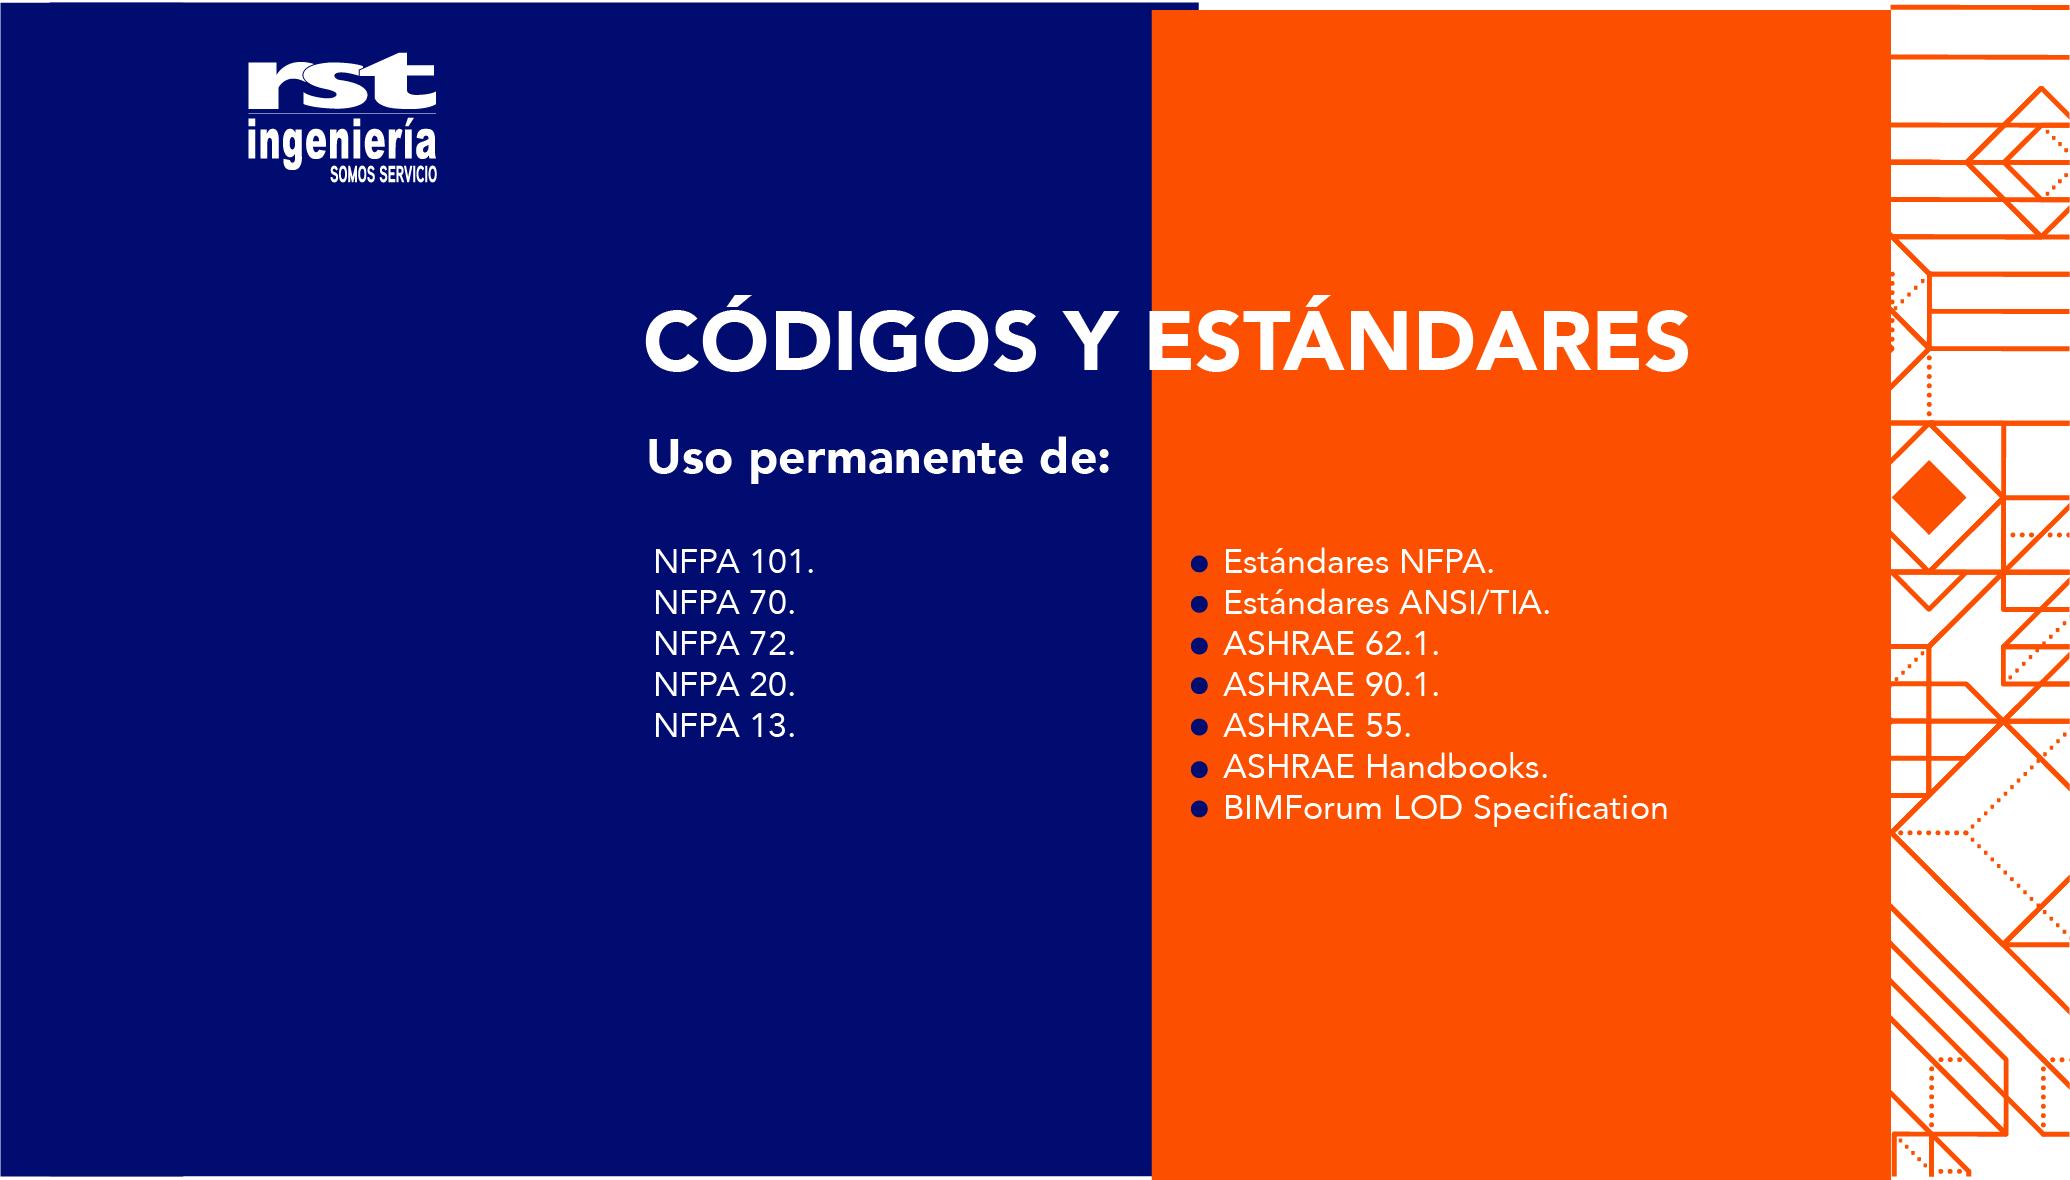 Códigos y estándares